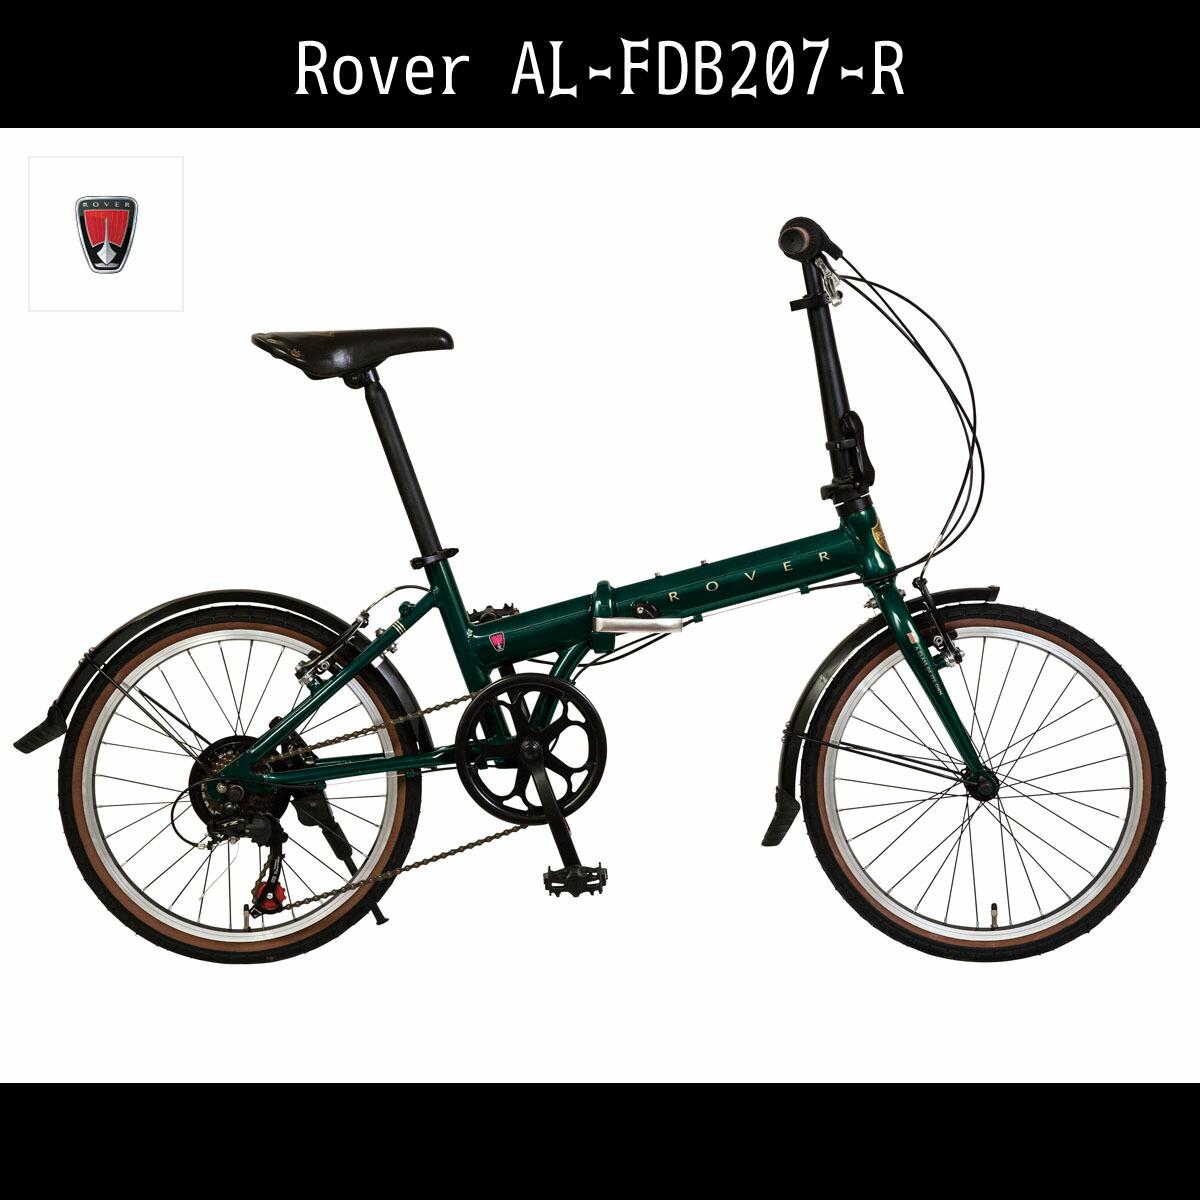 折りたたみ自転車 ローバー 自転車 グリーン/緑色 20インチ 折りたたみ自転車 外装7段変速ギア アルミ Rover 自転車 AL-FDB207-R アルミニウム